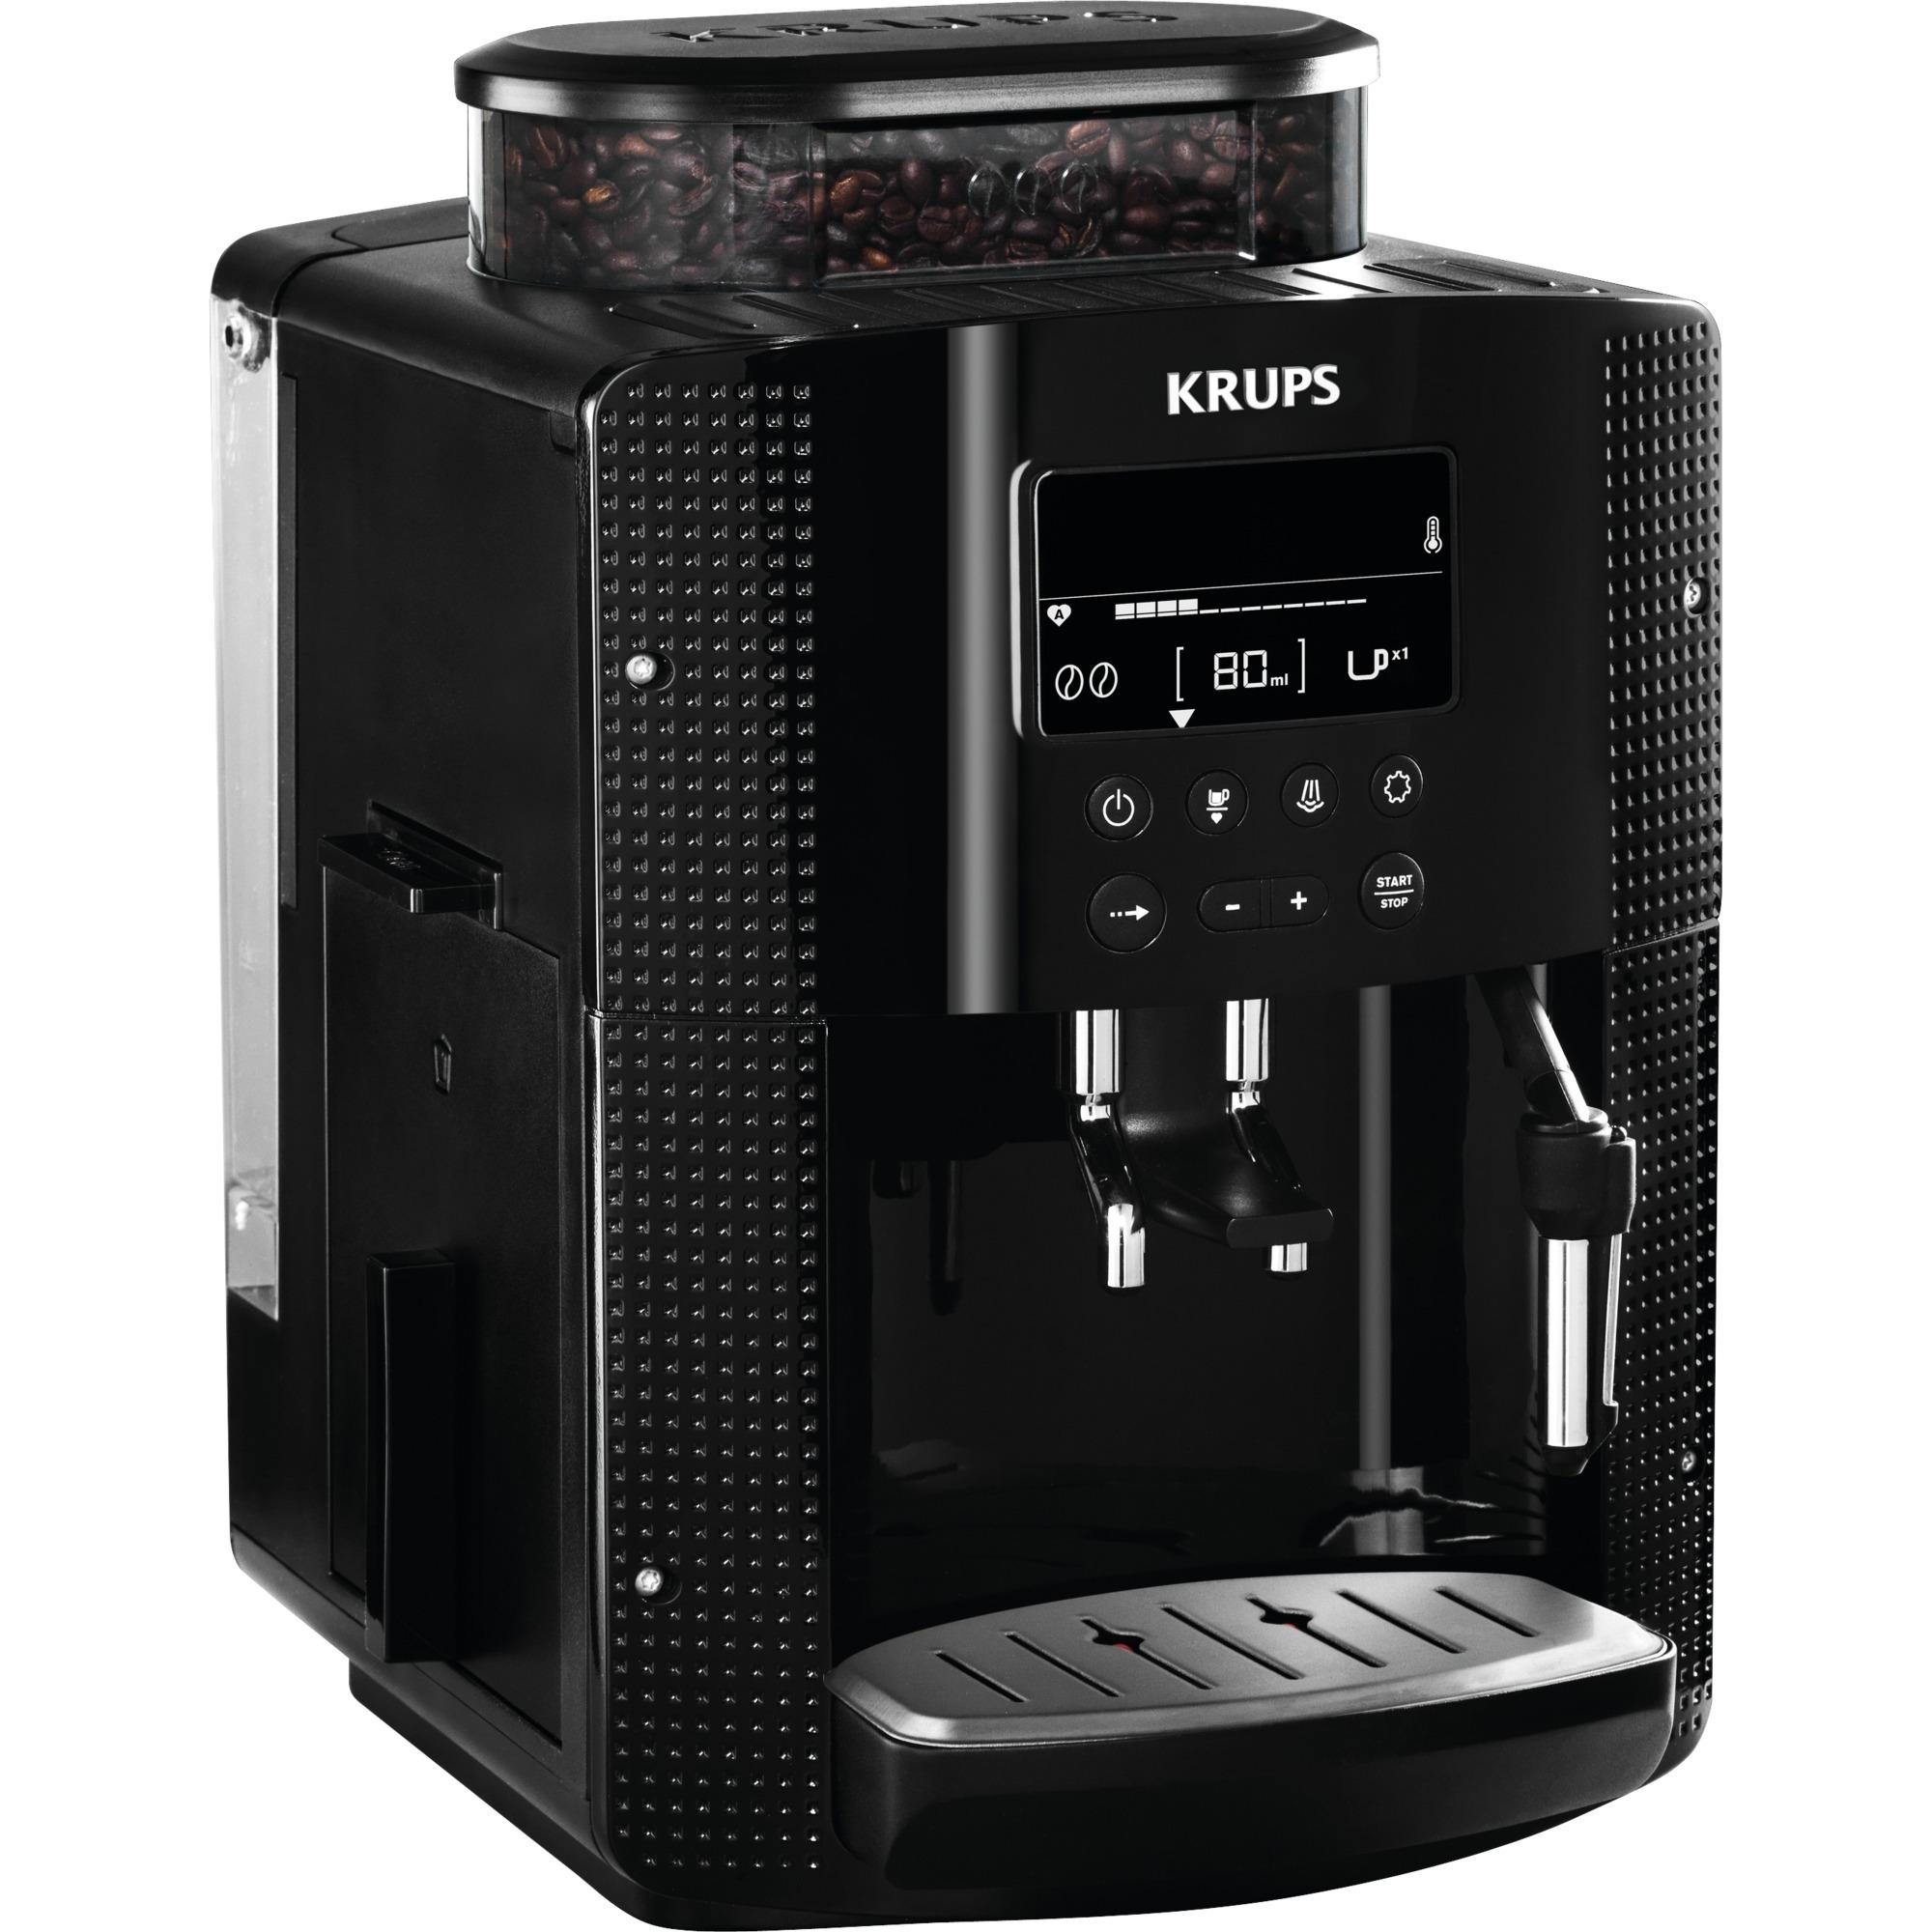 EA8150 Independiente Totalmente automática Máquina espresso 1.7L 2tazas Negro cafetera eléctrica, Superautomática